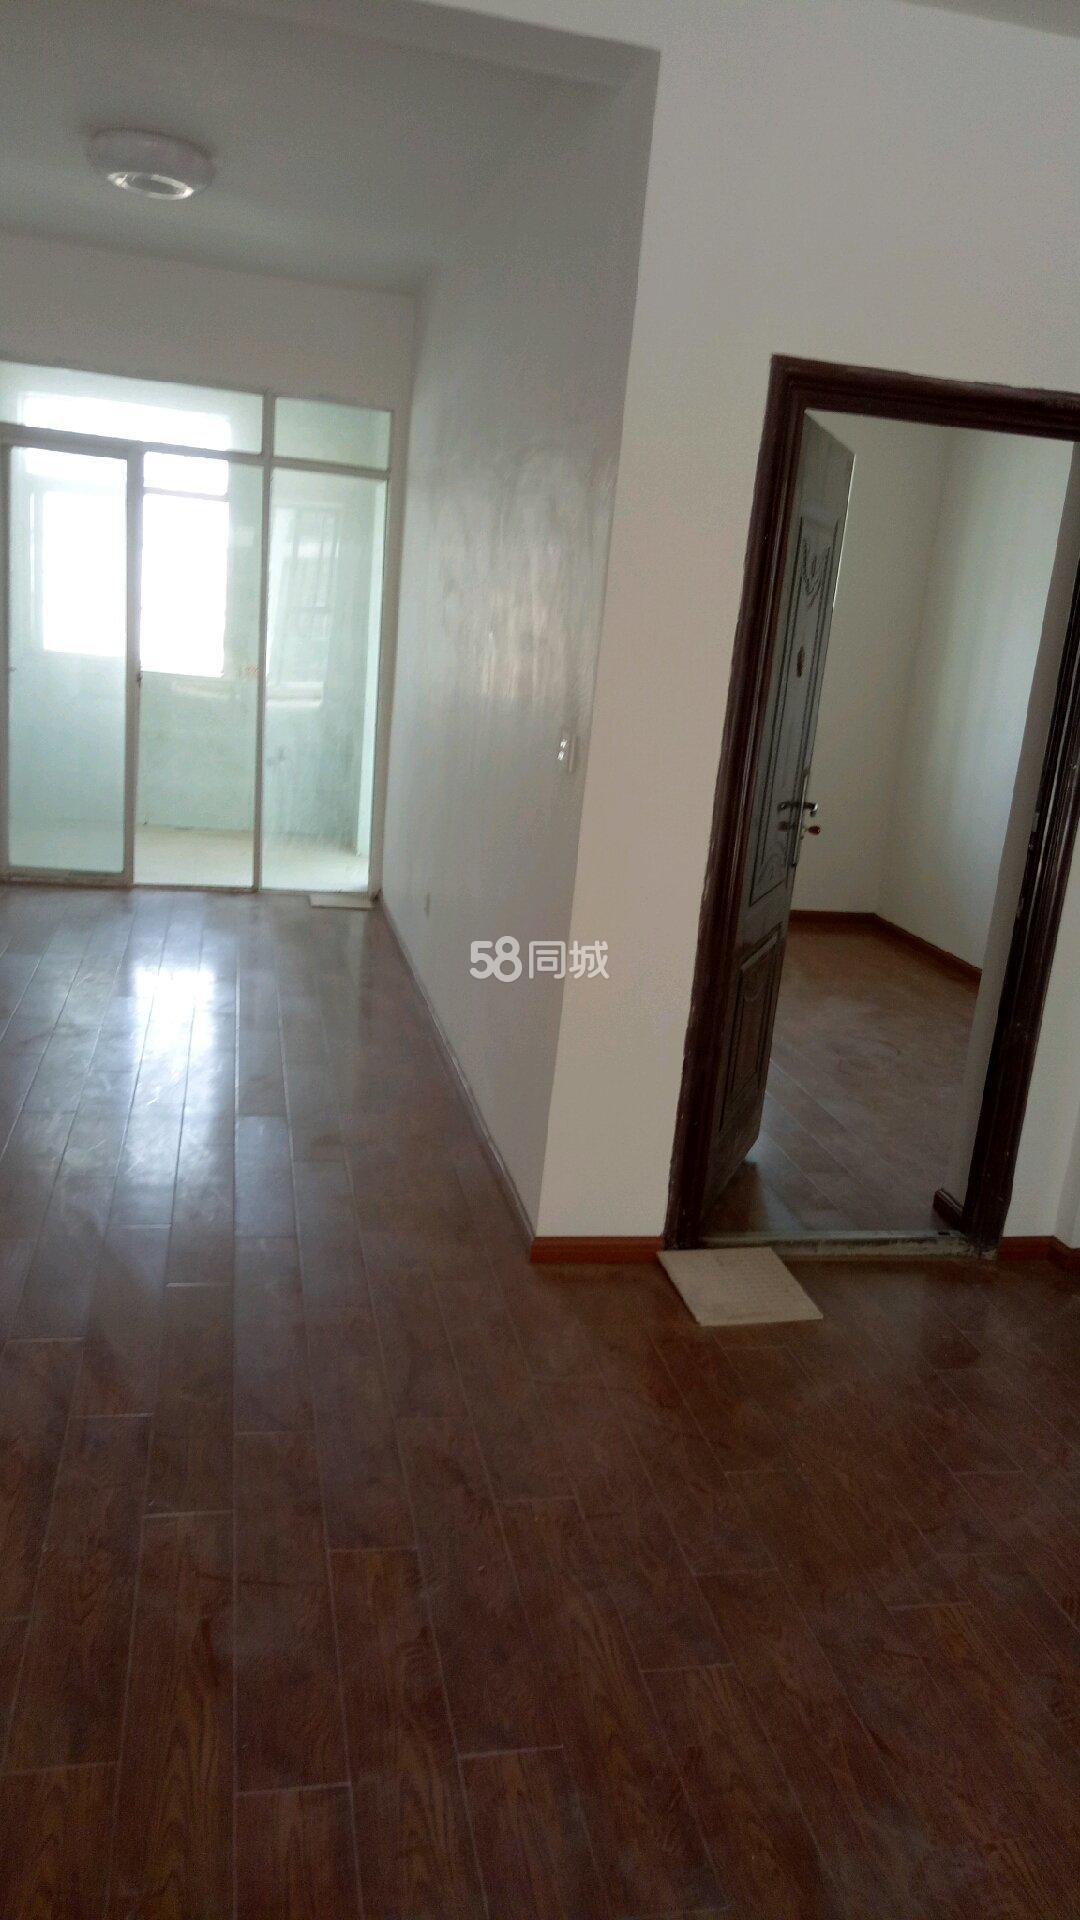 G326(秀河线)4室2厅1卫